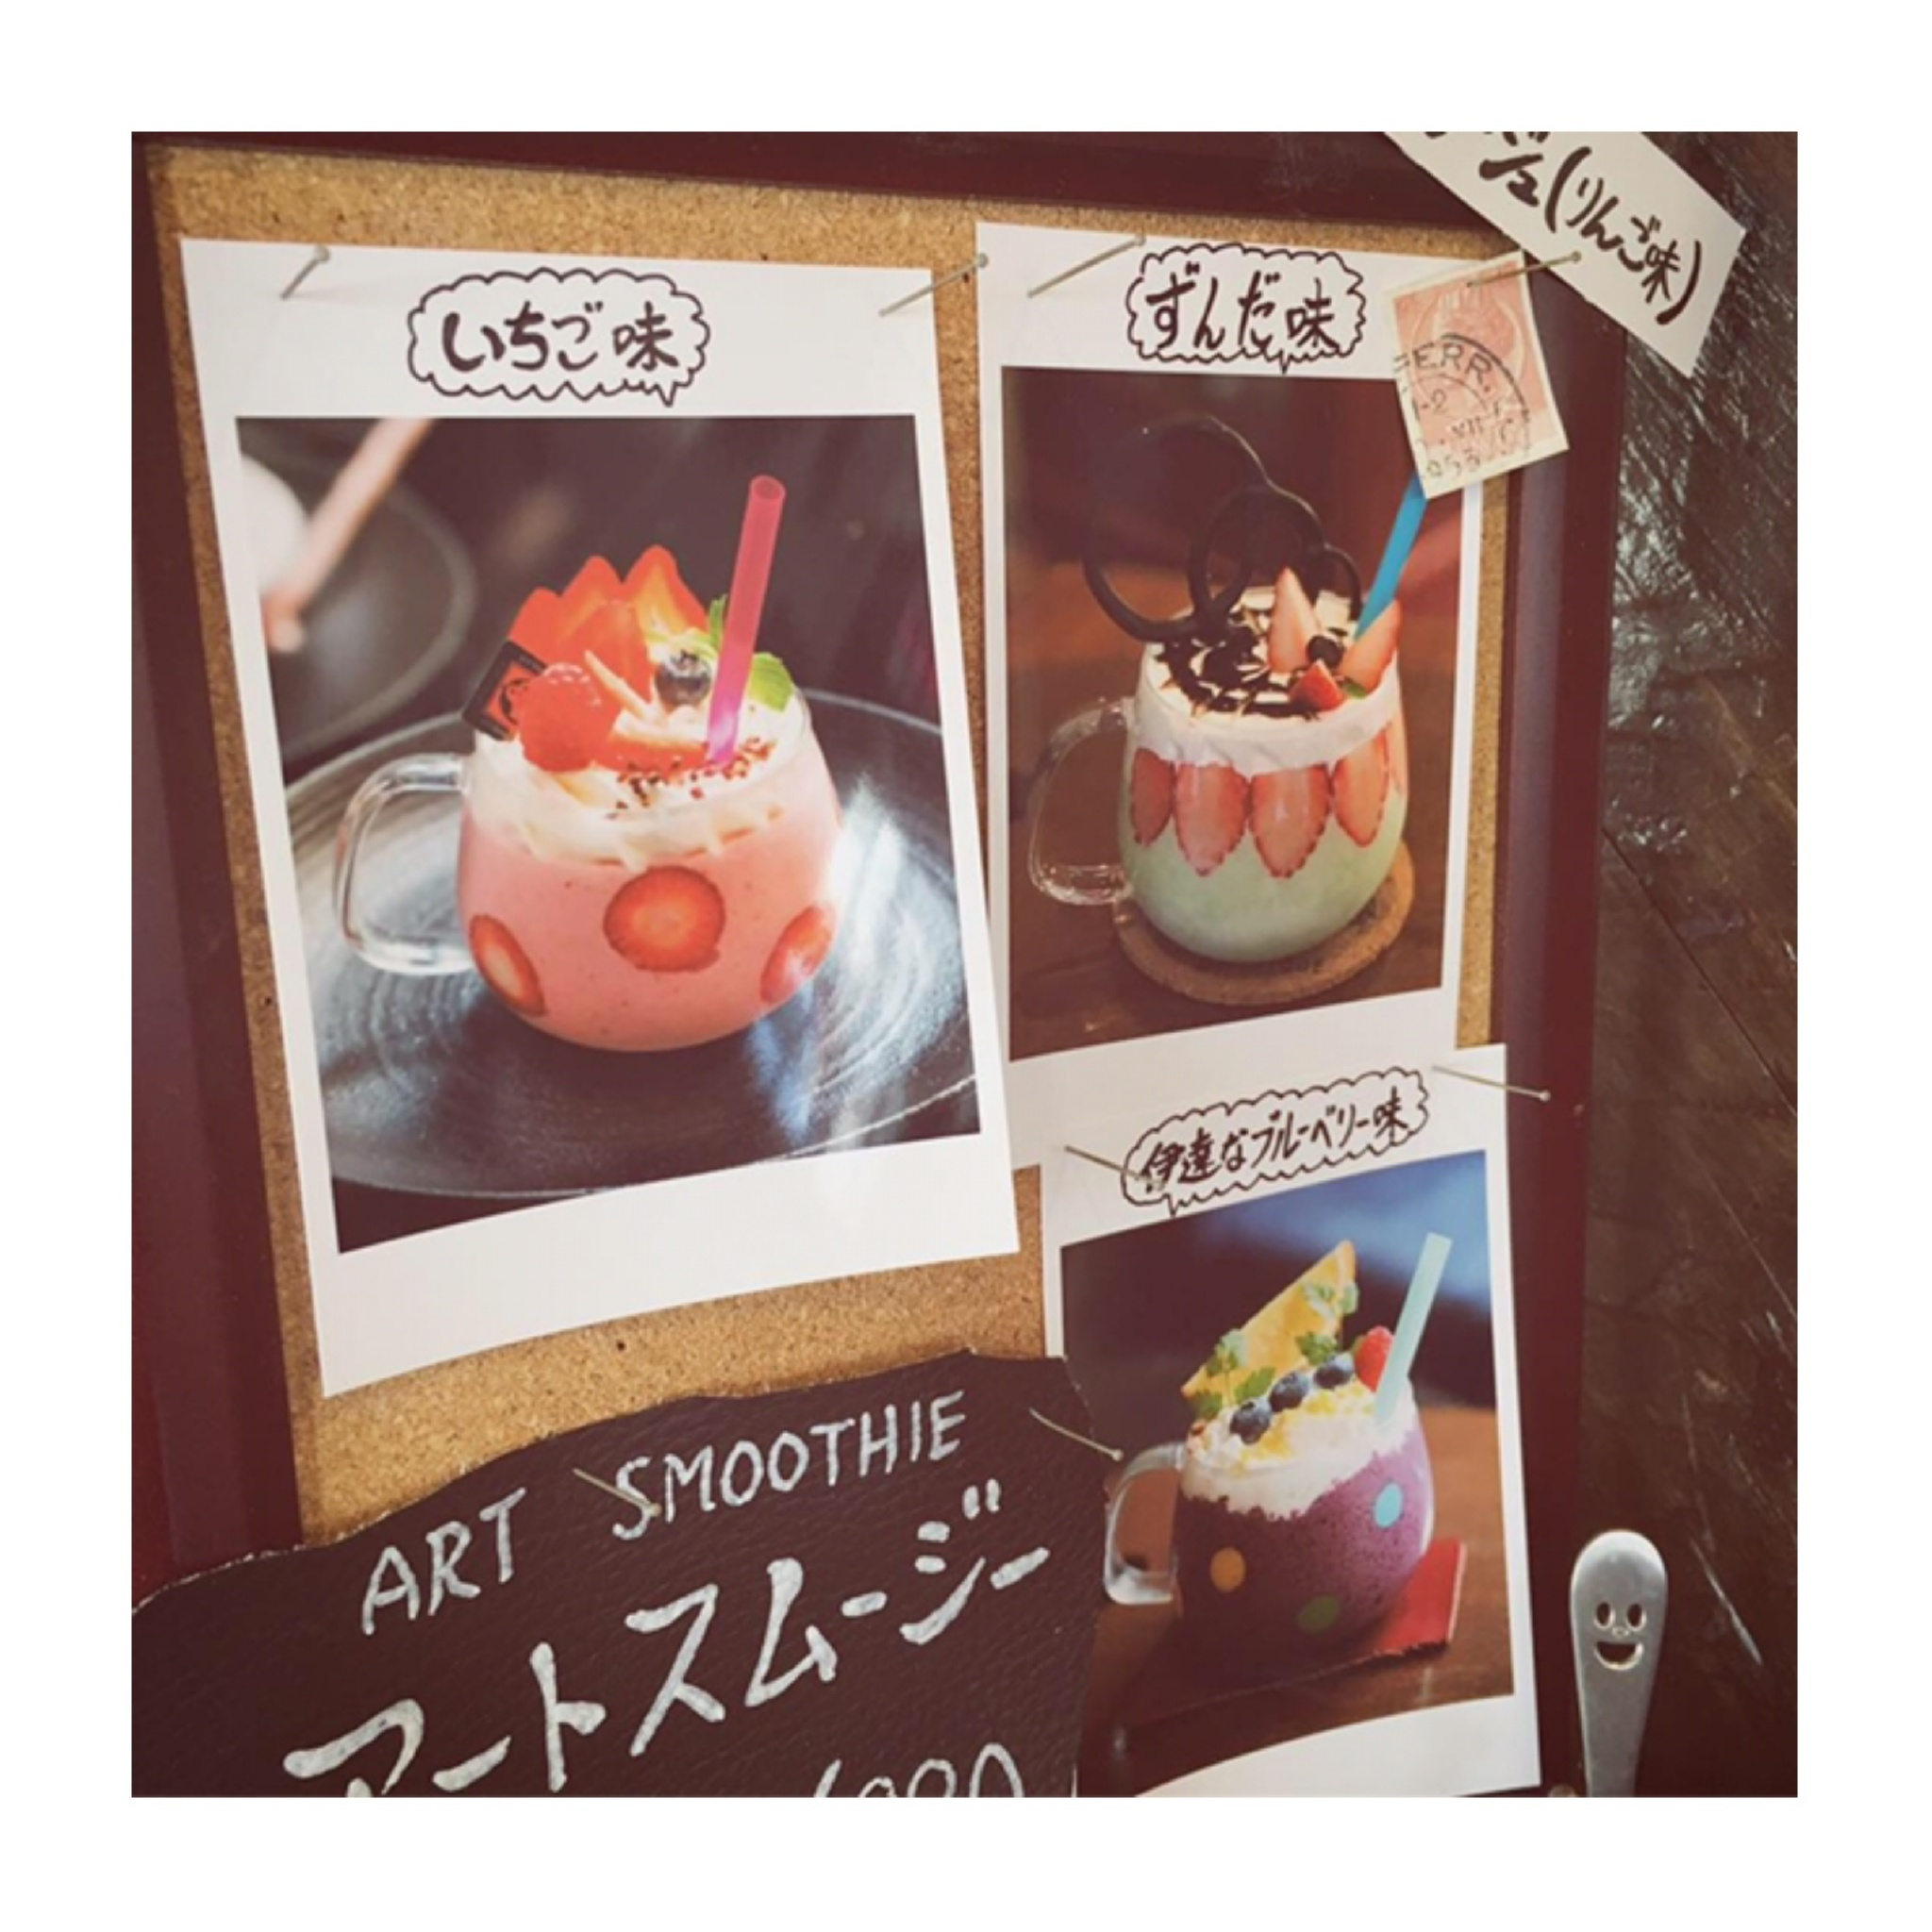 #14【#cafestagram】❤️:《仙台》に行ったら絶対寄りたい!アートスムージーがかわいすぎる『パティスリーミティーク』☻_4